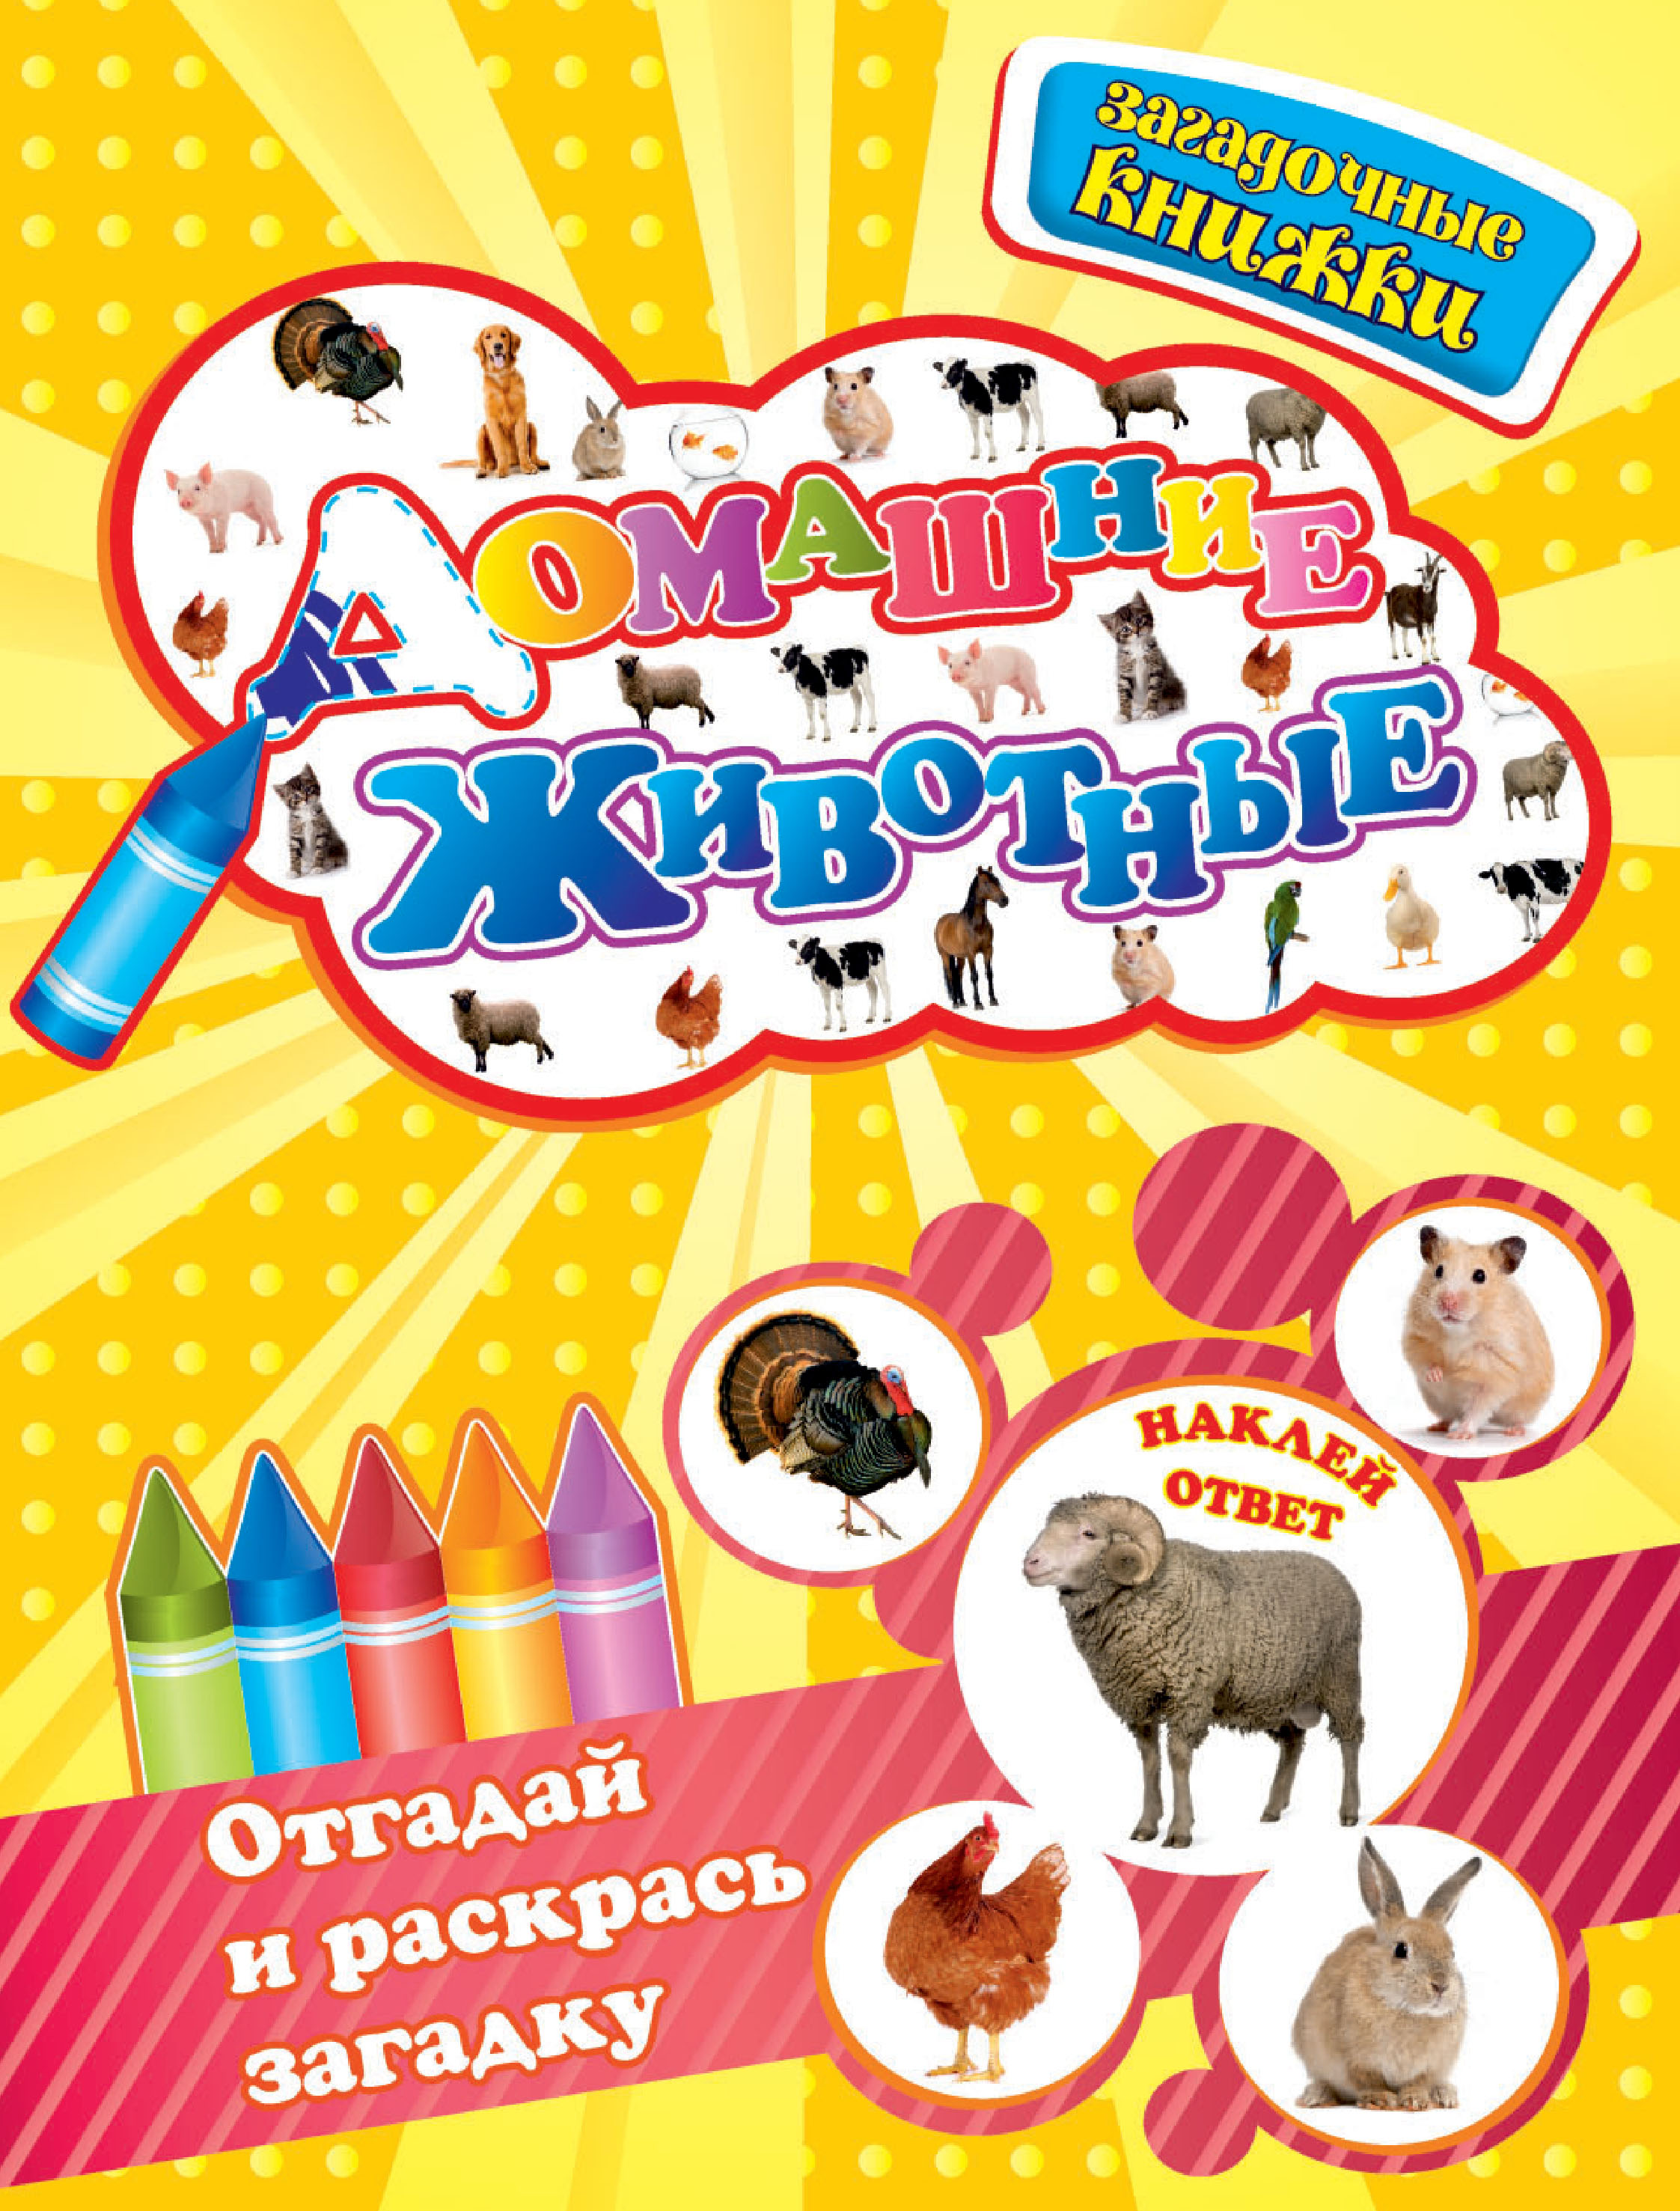 робсон к загадки головоломки такие разные животные Юлия Шигарова Домашние животные